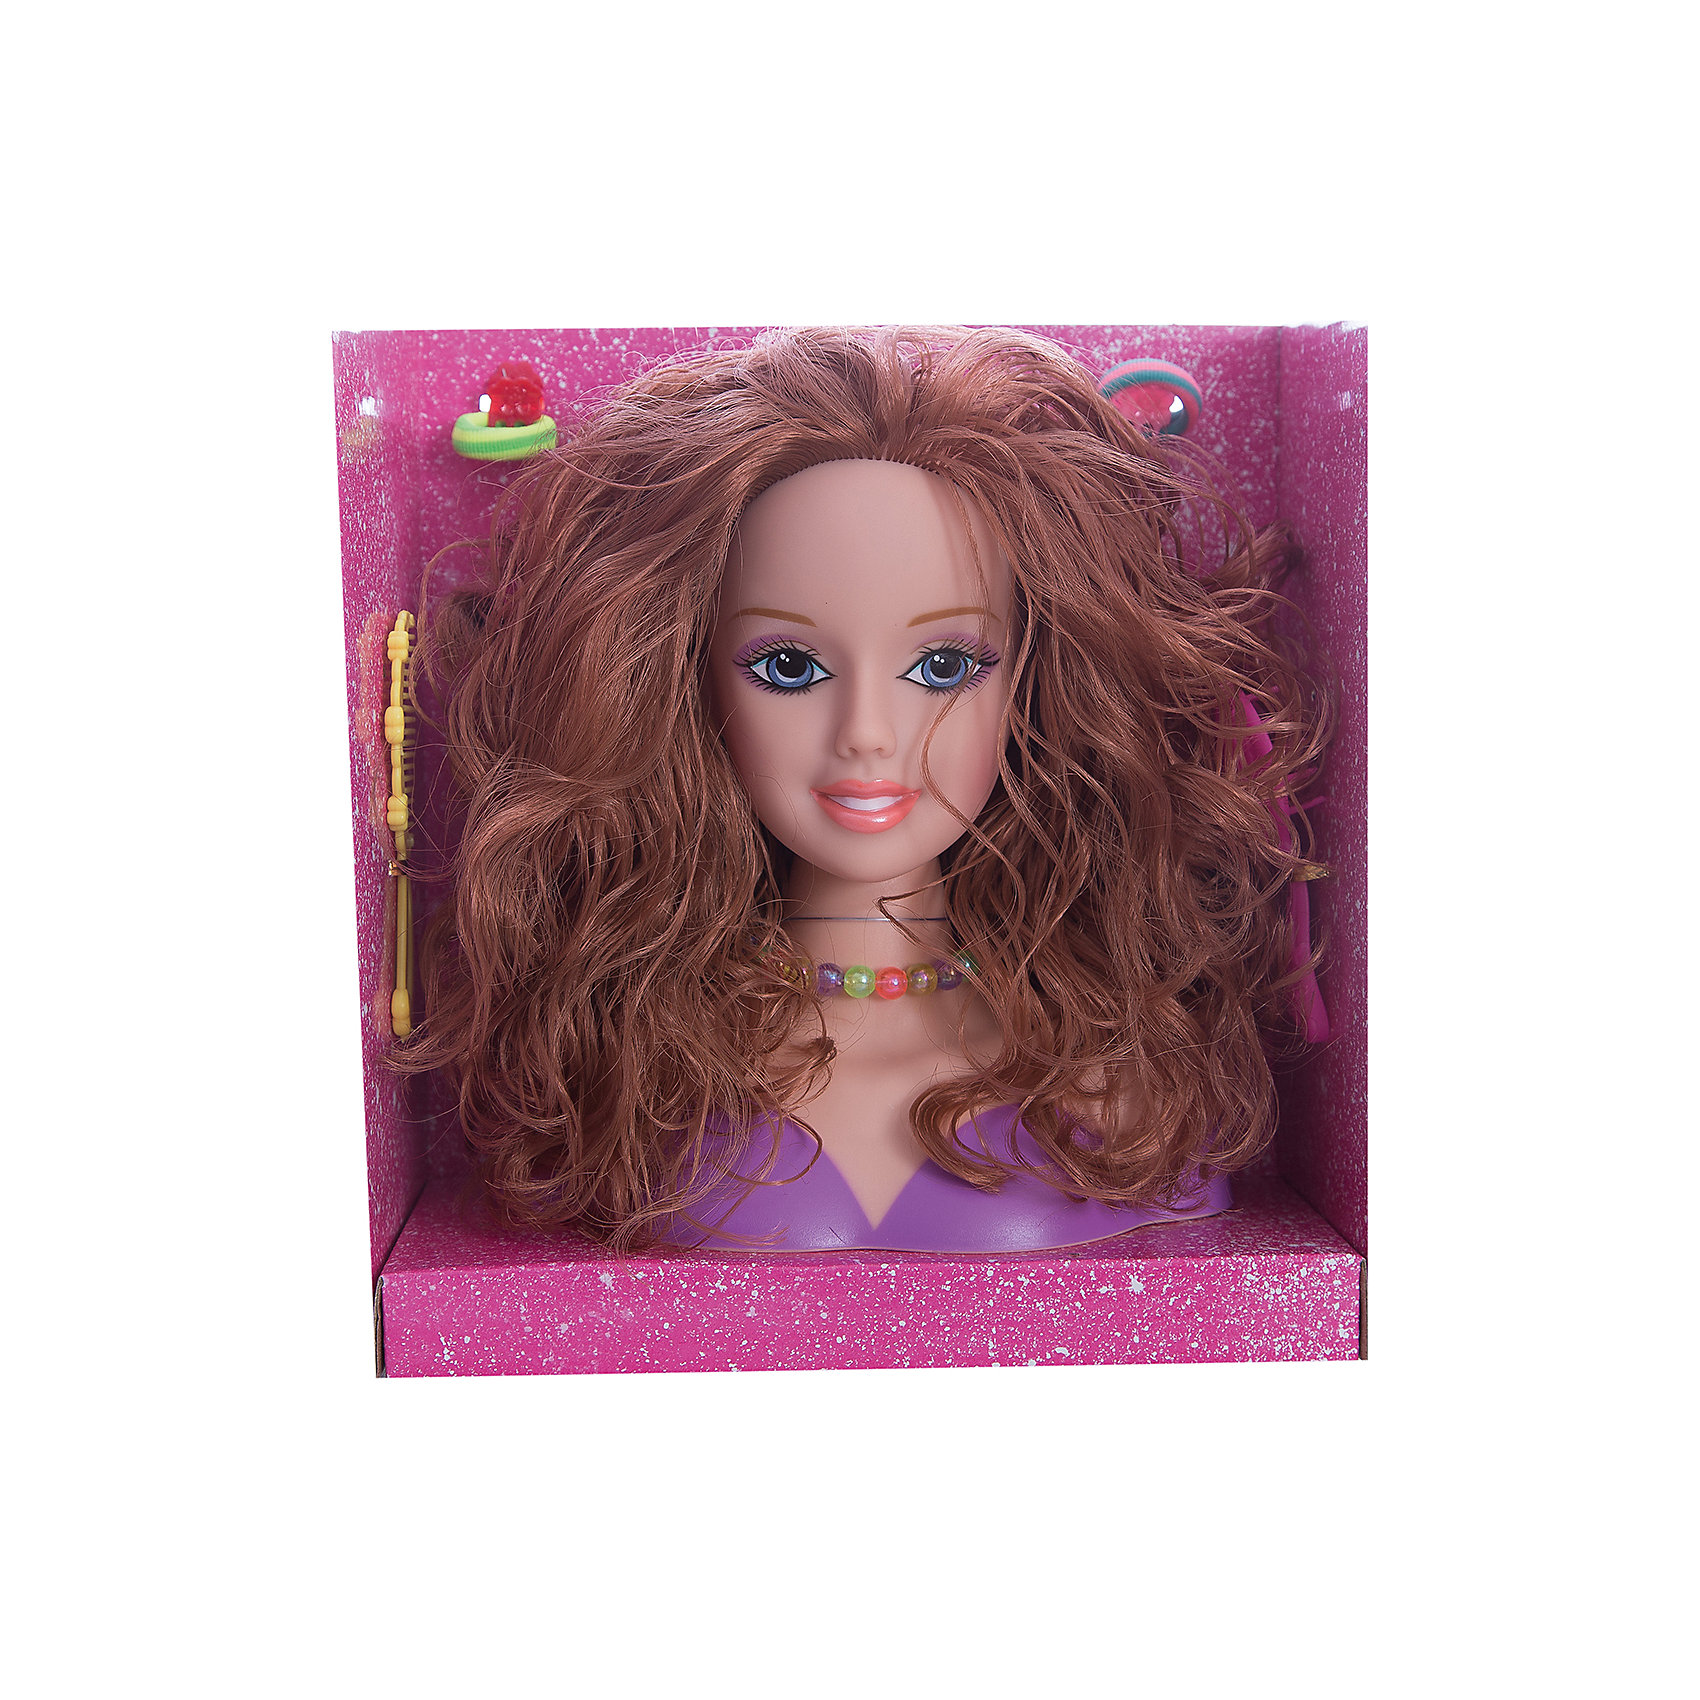 Набор стилиста Мечта-3, Shantou GepaiСюжетно-ролевые игры<br>Набор стилиста Мечта-3, Shantou Gepai.<br><br>Характеристики:<br><br>• В наборе: кукла-манекен (бюст) с аксессуарами<br>• Материал: пластик, текстиль<br>• Упаковка: картонная коробка блистерного типа<br>• Размер упаковки: 23,5х10,5х25,5 см.<br><br>Кукла-манекен - подарок для девочки, которая готовится войти в мир взрослой моды! Куклу можно расчесывать и делать ей различные прически. Ваша девочка сможет вообразить себя профессиональным стилистом в собственном салоне красоты и увлекательно провести время за интересными играми на тему парикмахерской.<br><br>Набор стилиста Мечта-3, Shantou Gepai можно купить в нашем интернет-магазине.<br><br>Ширина мм: 235<br>Глубина мм: 105<br>Высота мм: 255<br>Вес г: 483<br>Возраст от месяцев: 36<br>Возраст до месяцев: 2147483647<br>Пол: Женский<br>Возраст: Детский<br>SKU: 5450228